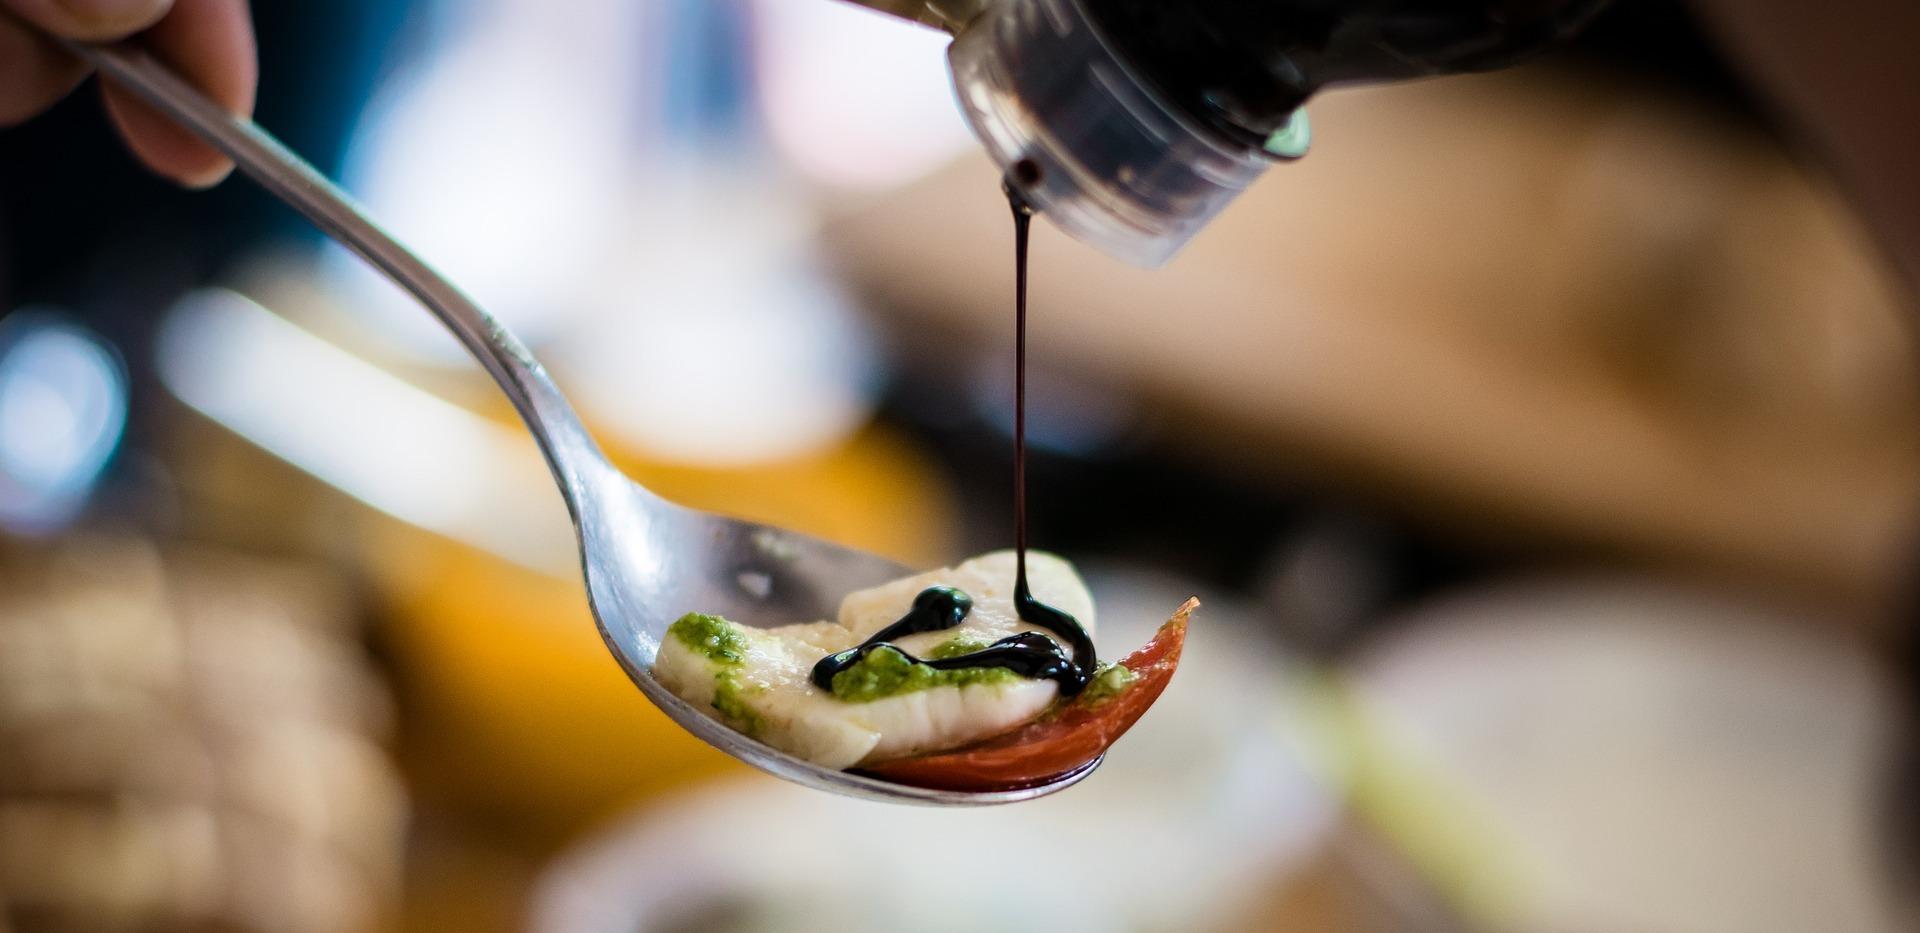 balsamic vinegar of Modena PGI in the kitchen